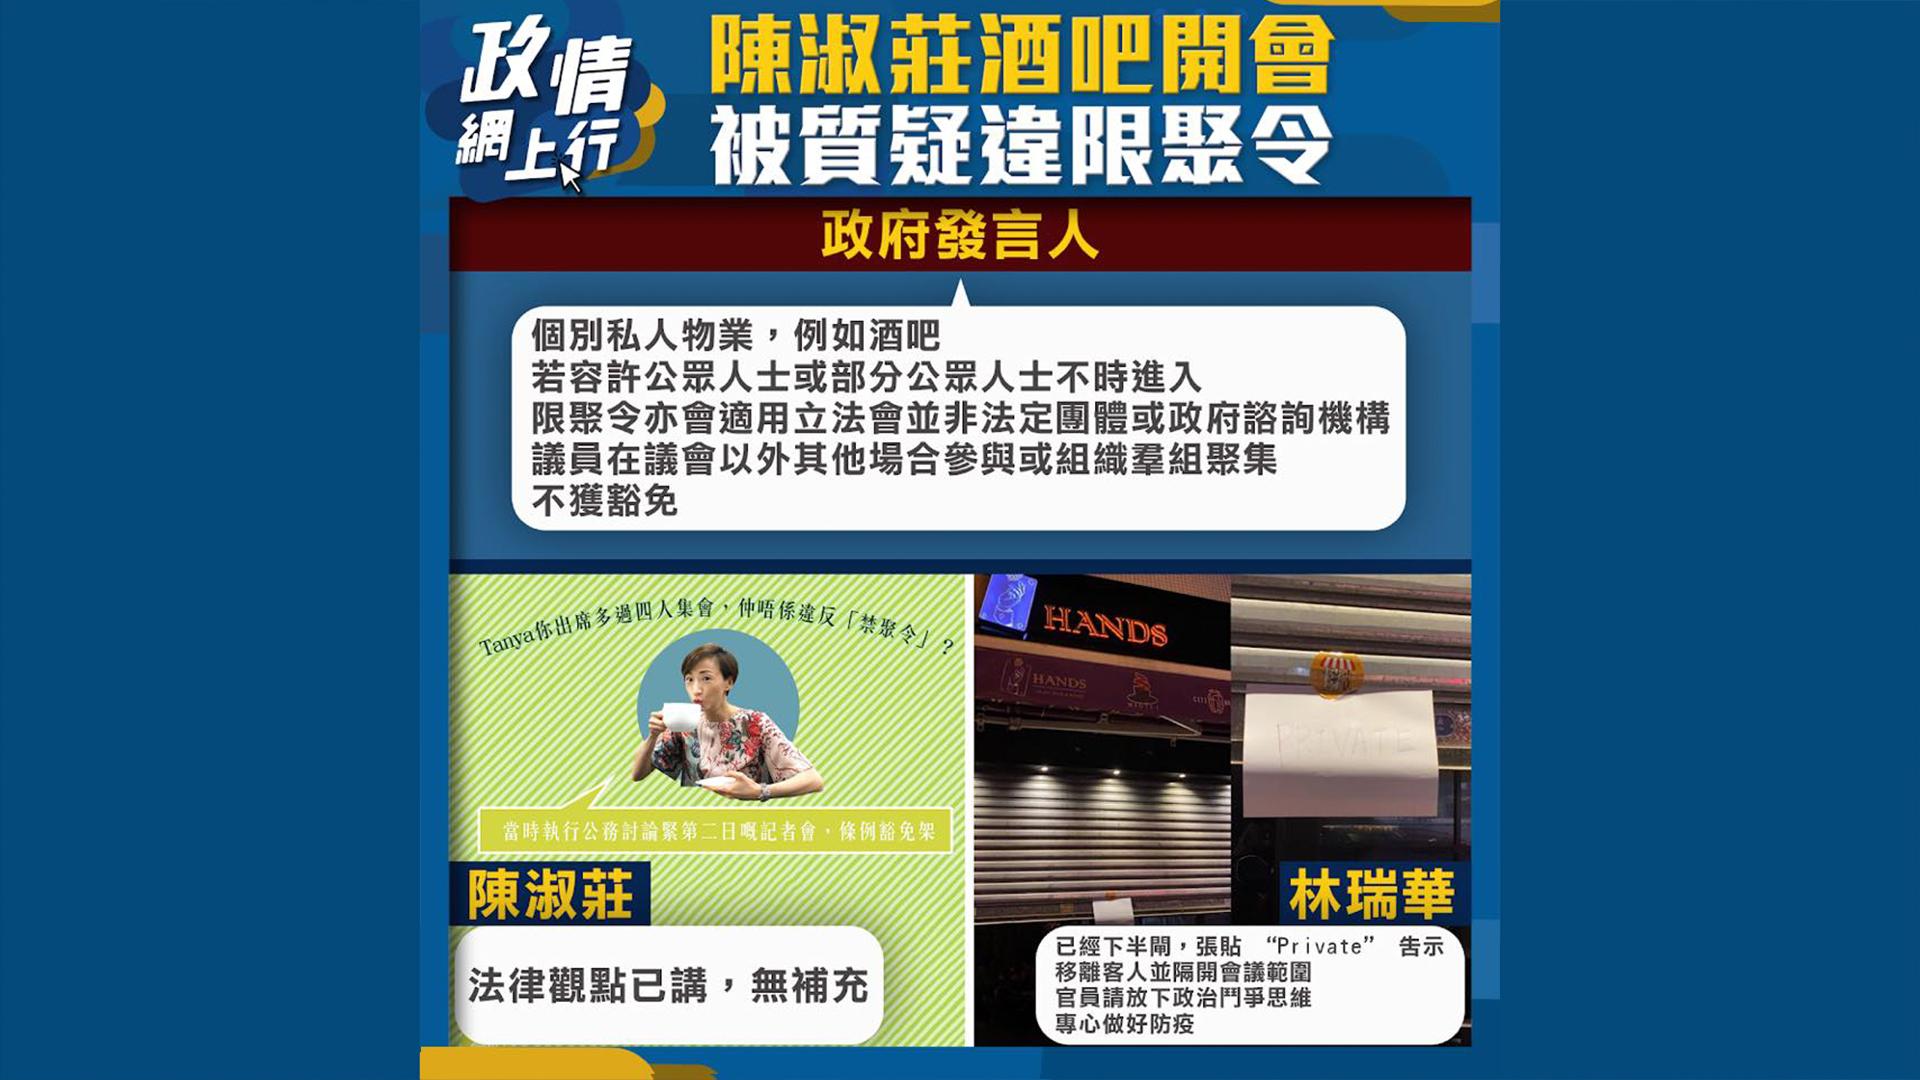 【政情網上行】陳淑莊酒吧開會 被質疑違限聚令